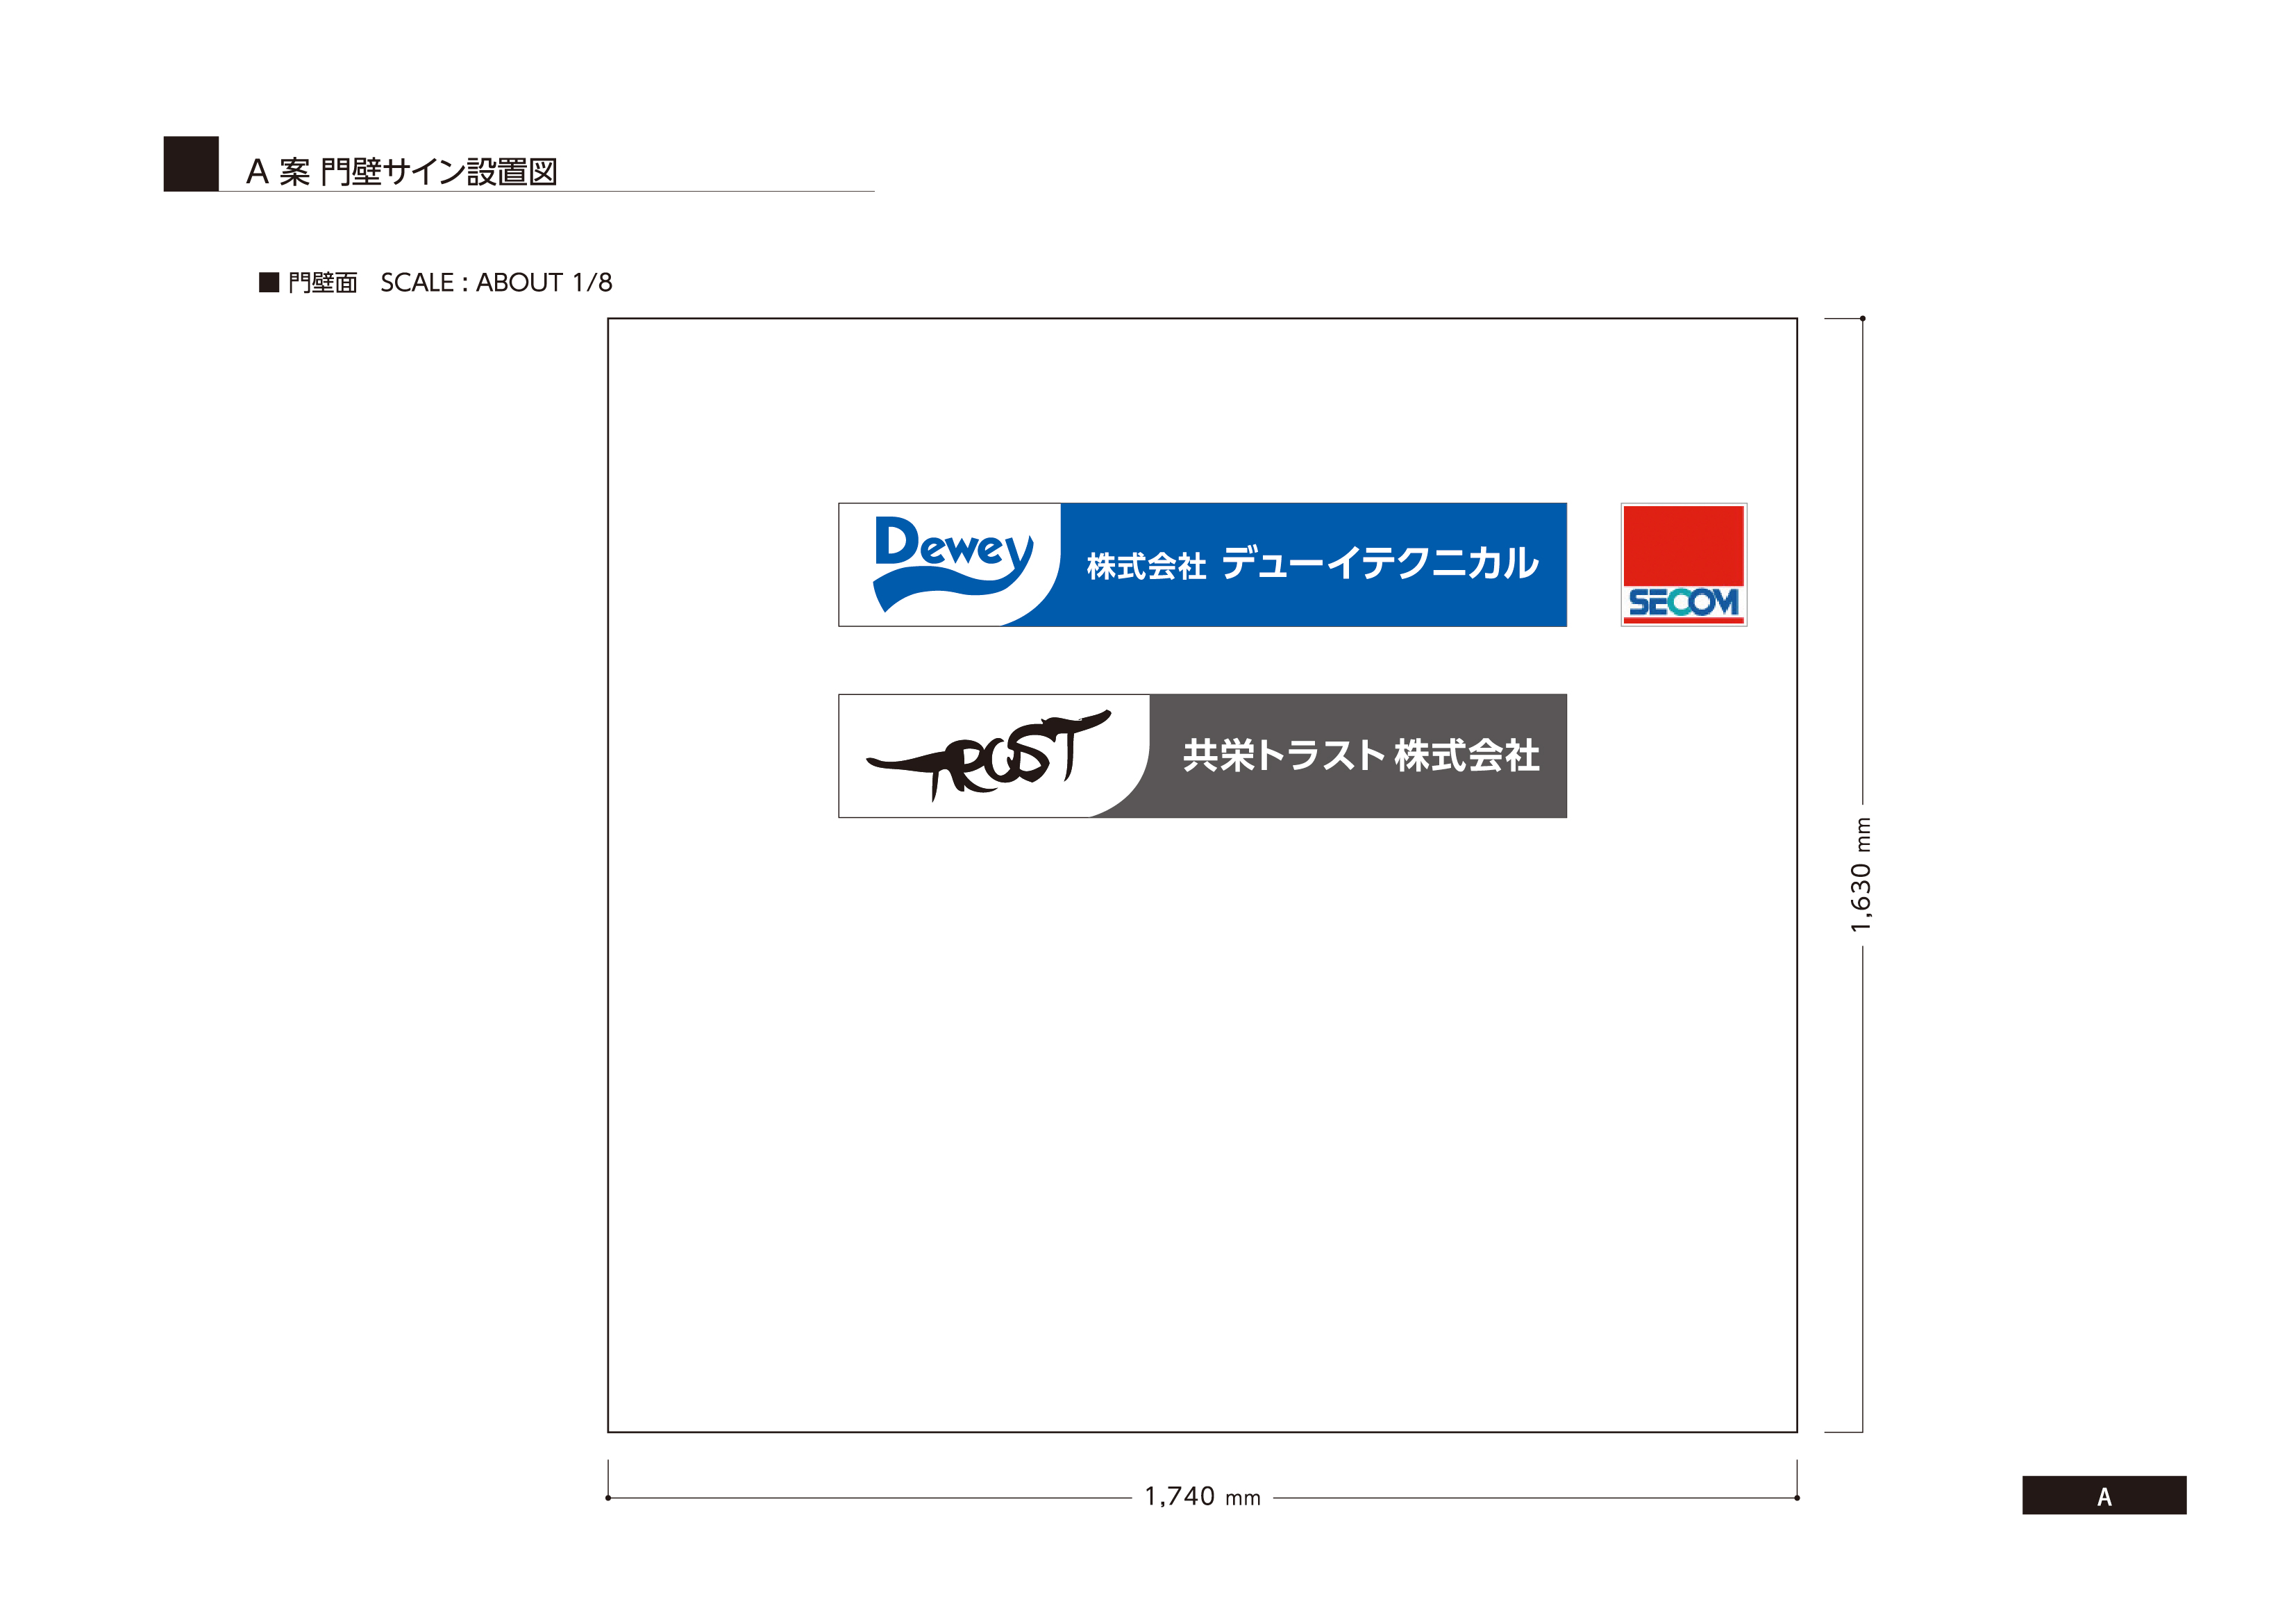 門壁サインデザイン 設置図1